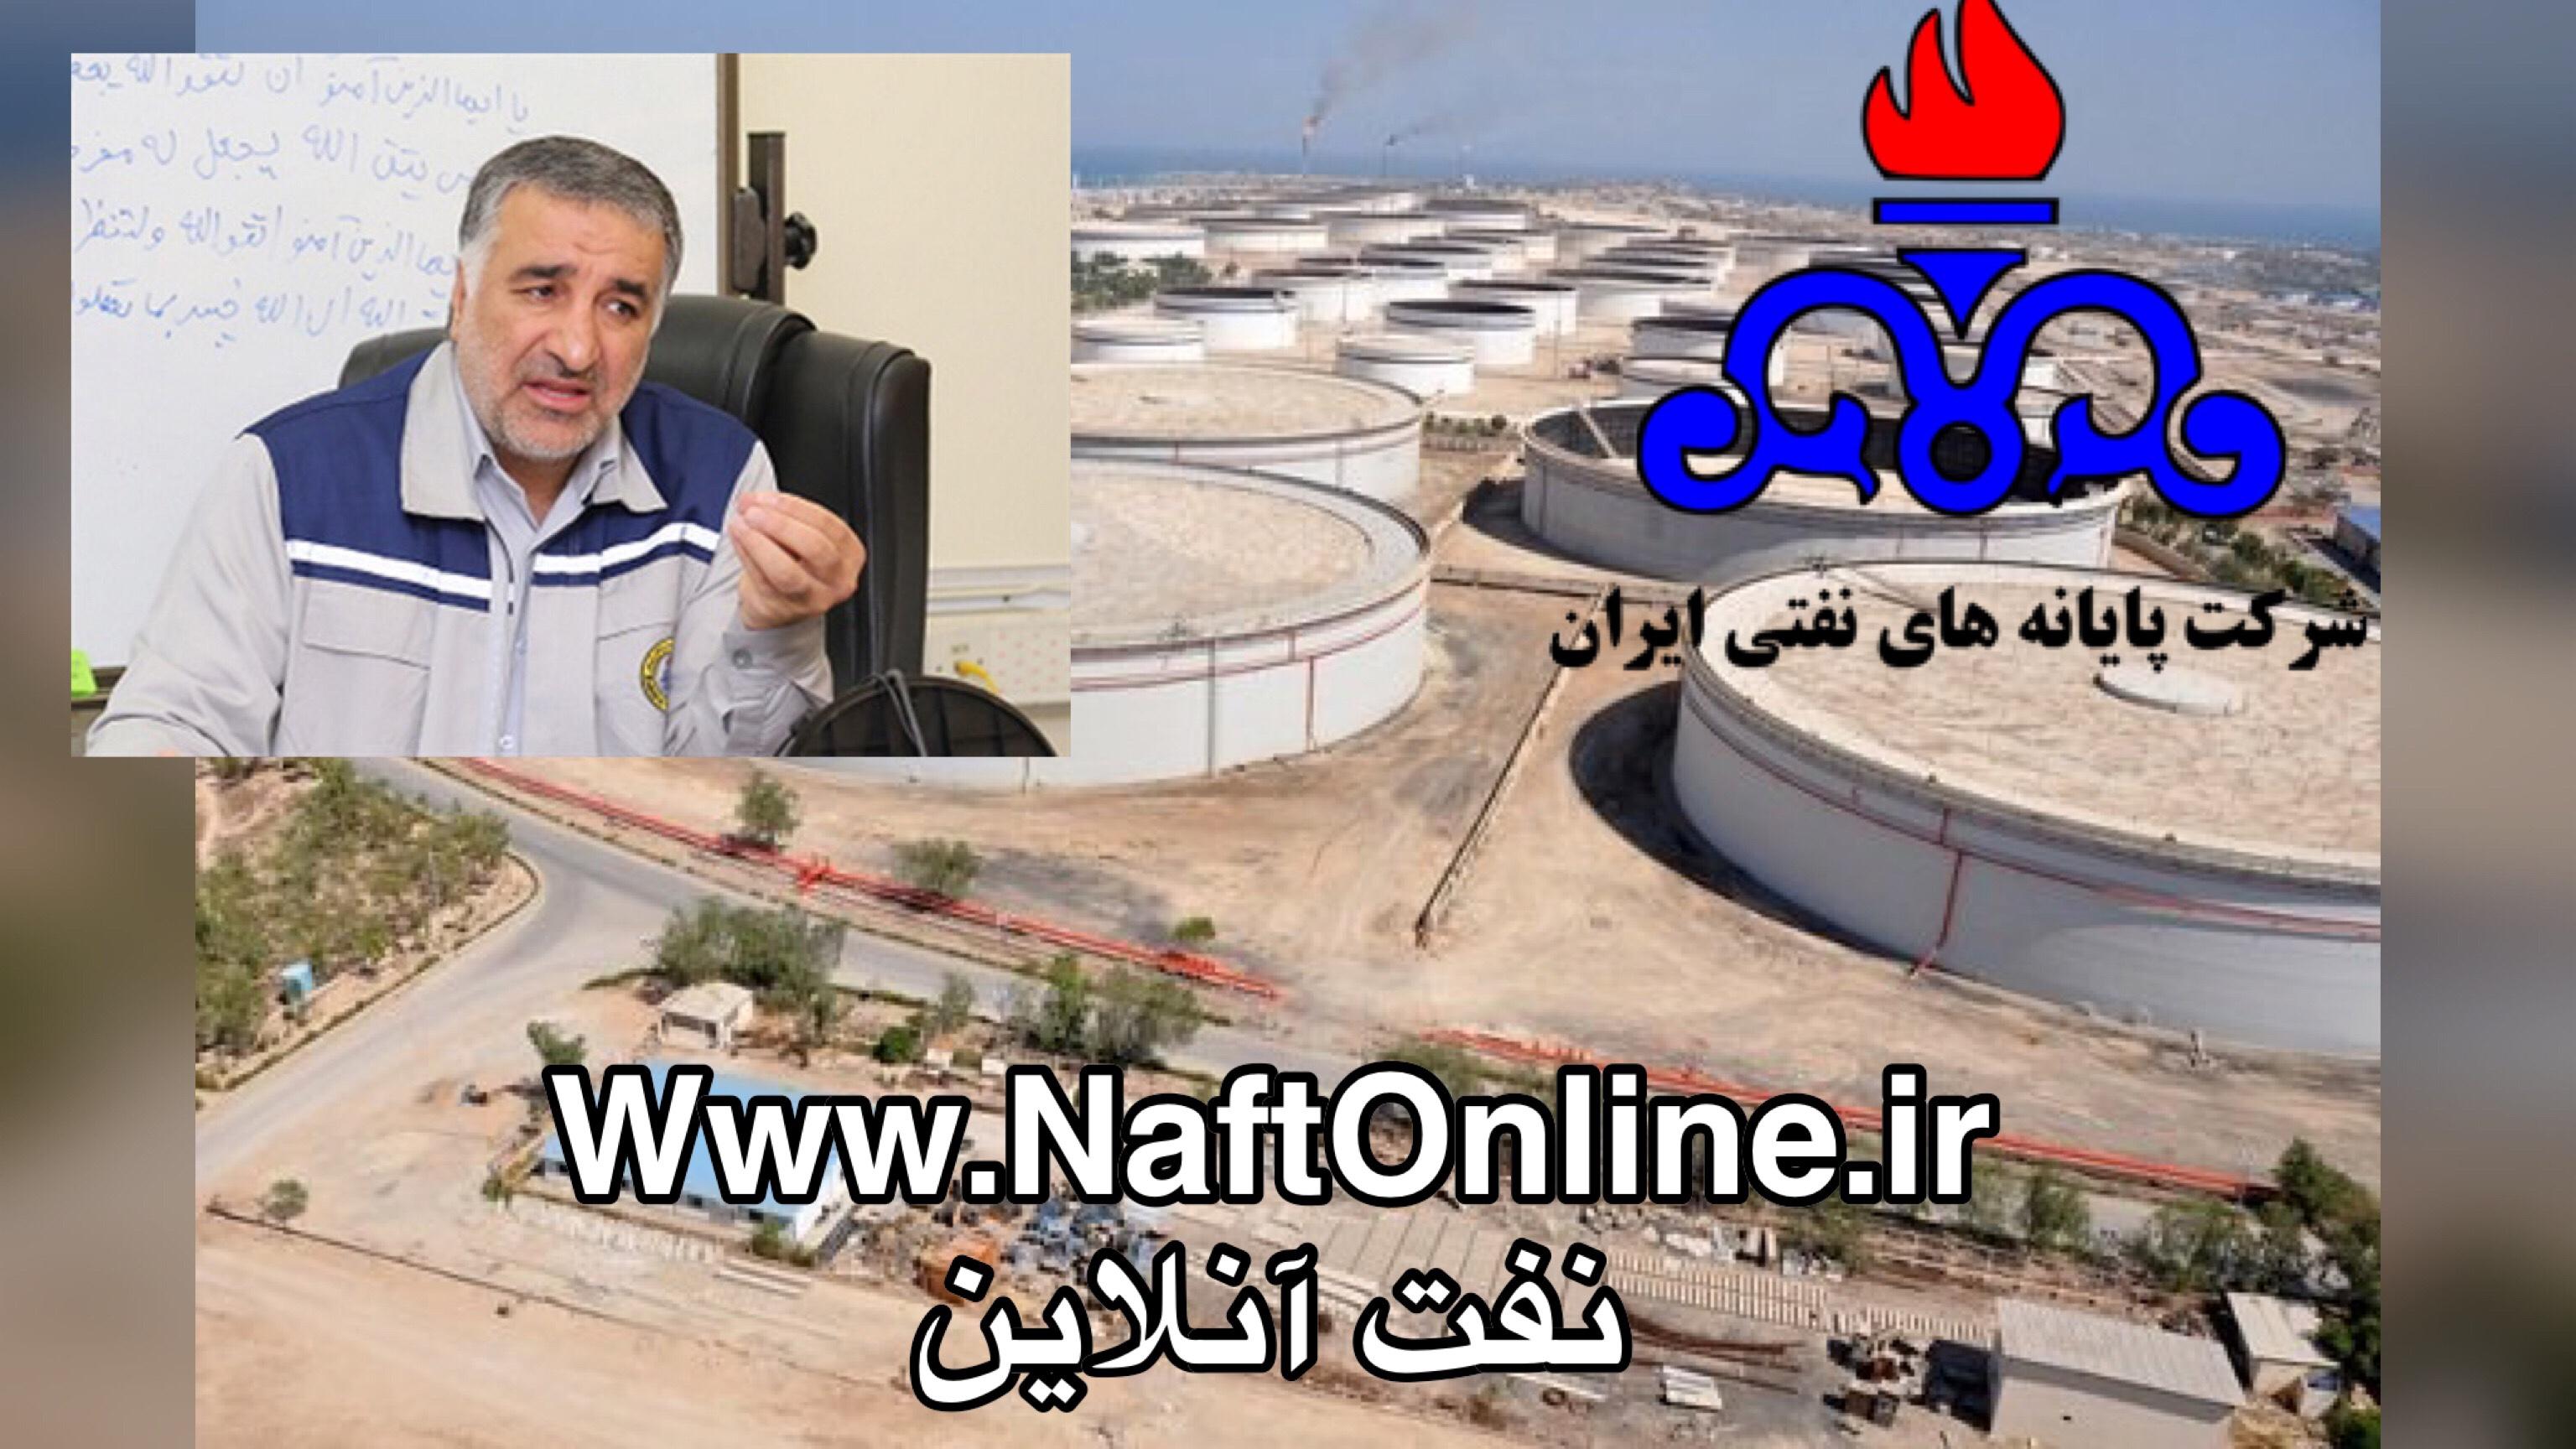 افتخاری دیگر برای شرکت پایانه های نفتی ایران